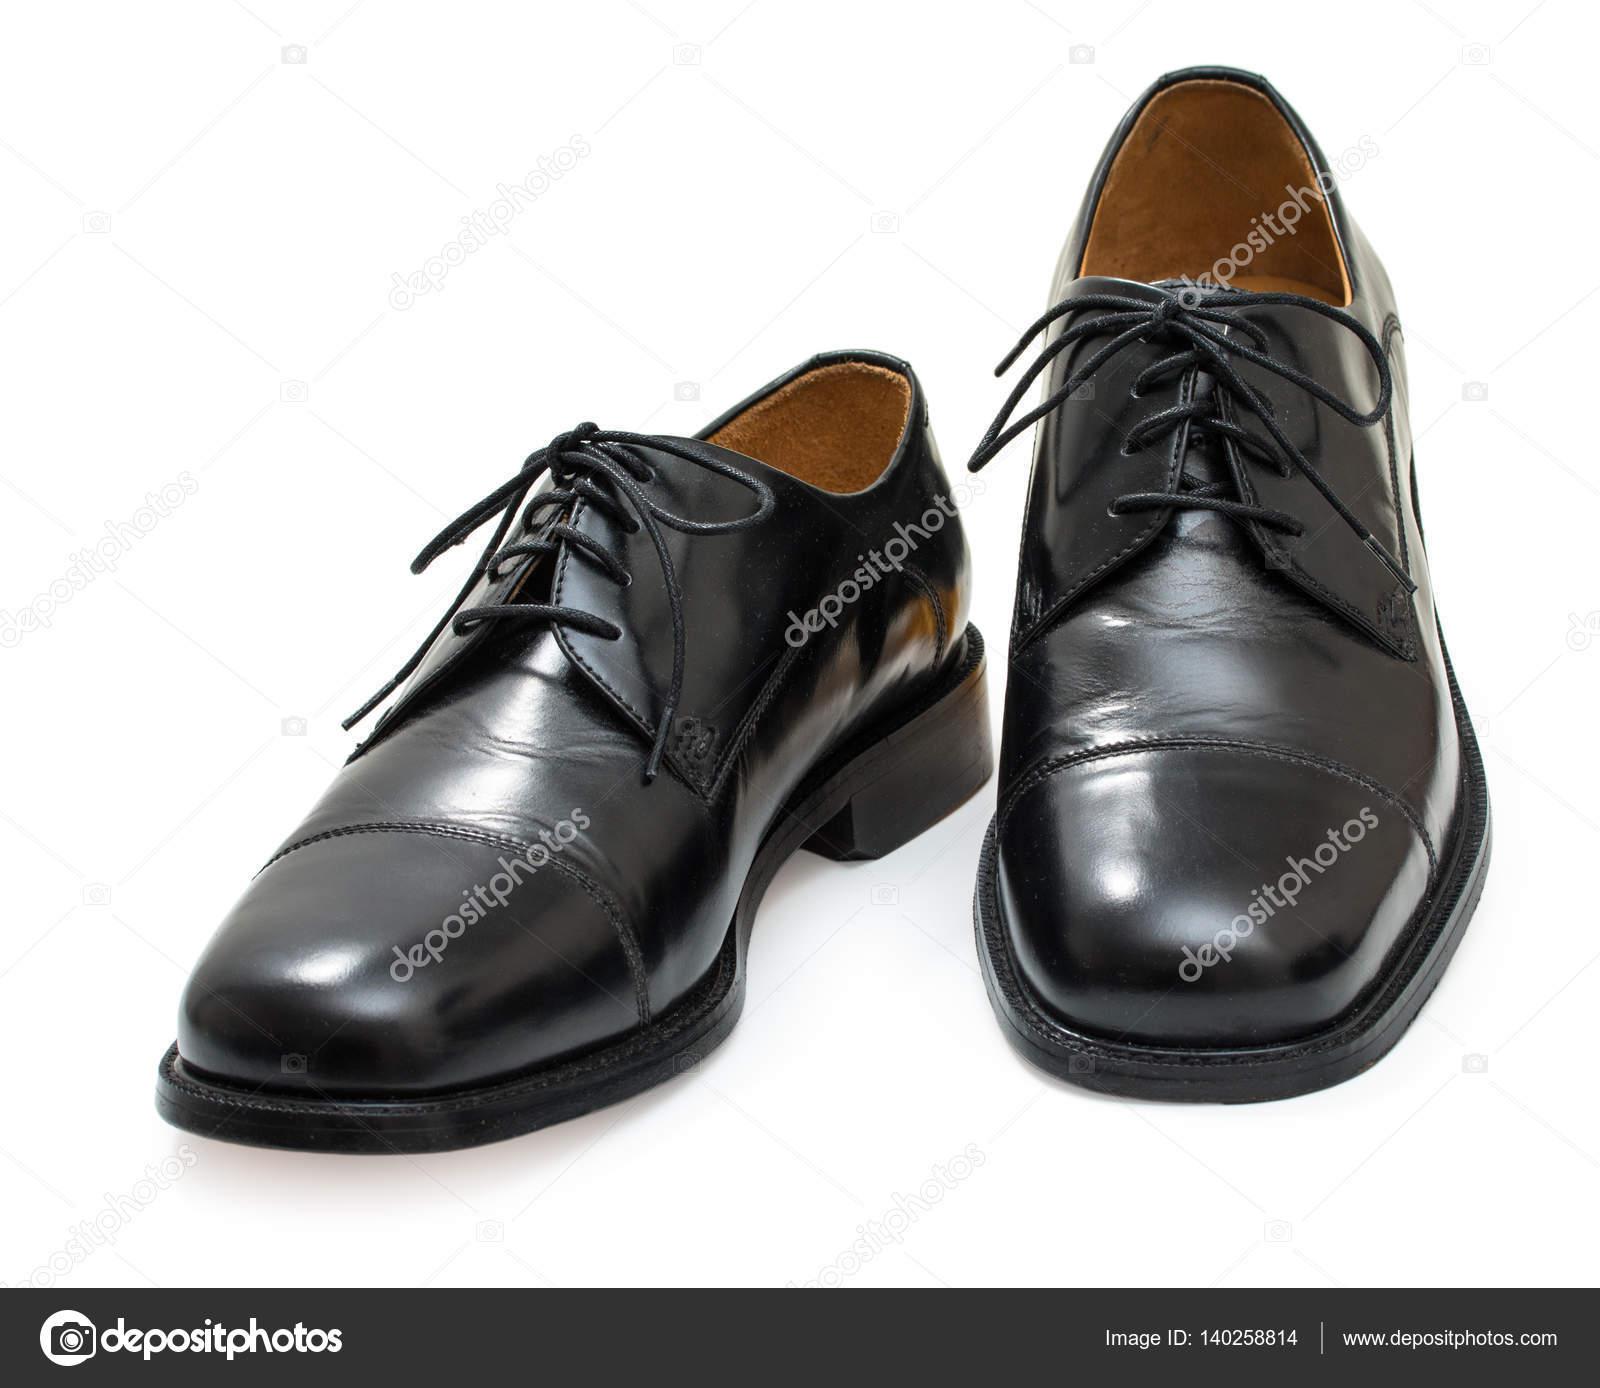 10ceb8fc05 Par de zapatos elegantes para hombre. Moda negro cuero brillante. Aislado  sobre fondo blanco — Foto de 3249855.gmail.com